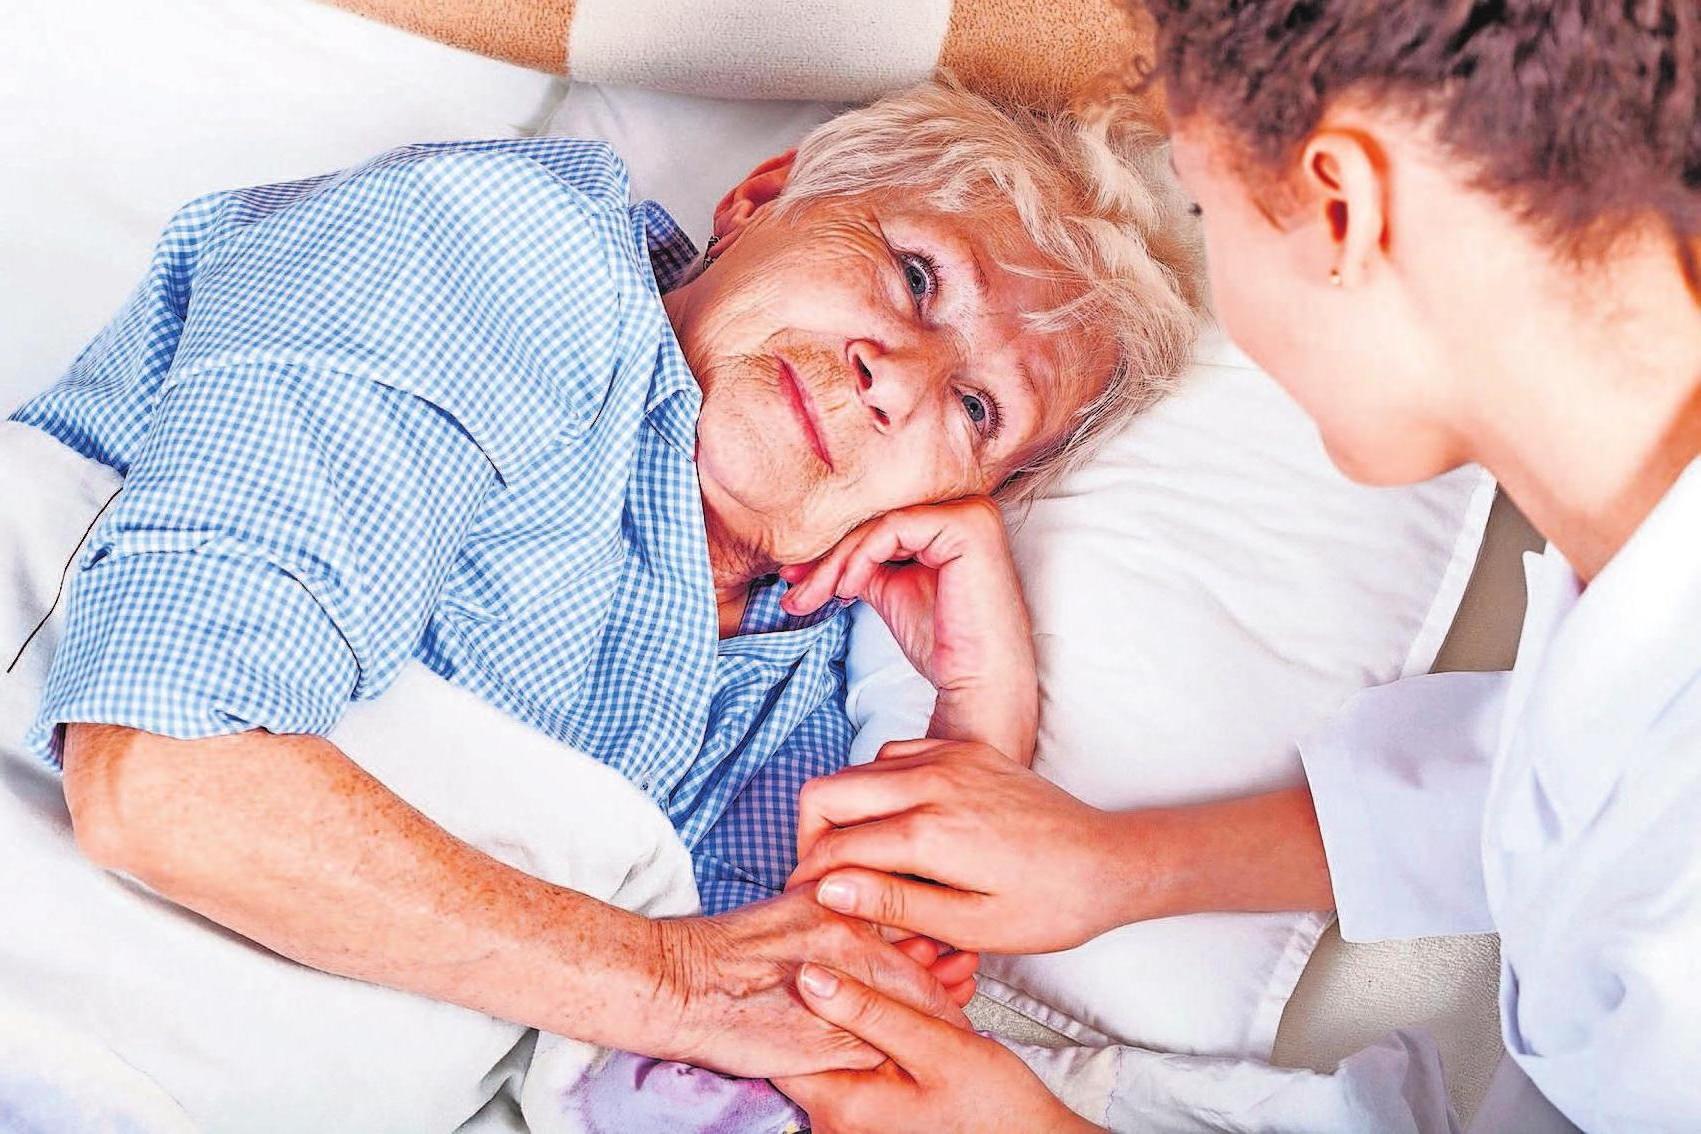 Alte und gesundheitlich beeinträchtige Menschen sehnen sich nach Geborgenheit, Verständnis und einer schützenden und helfenden Hand. Foto: djd/Deutsche Familienversicherung